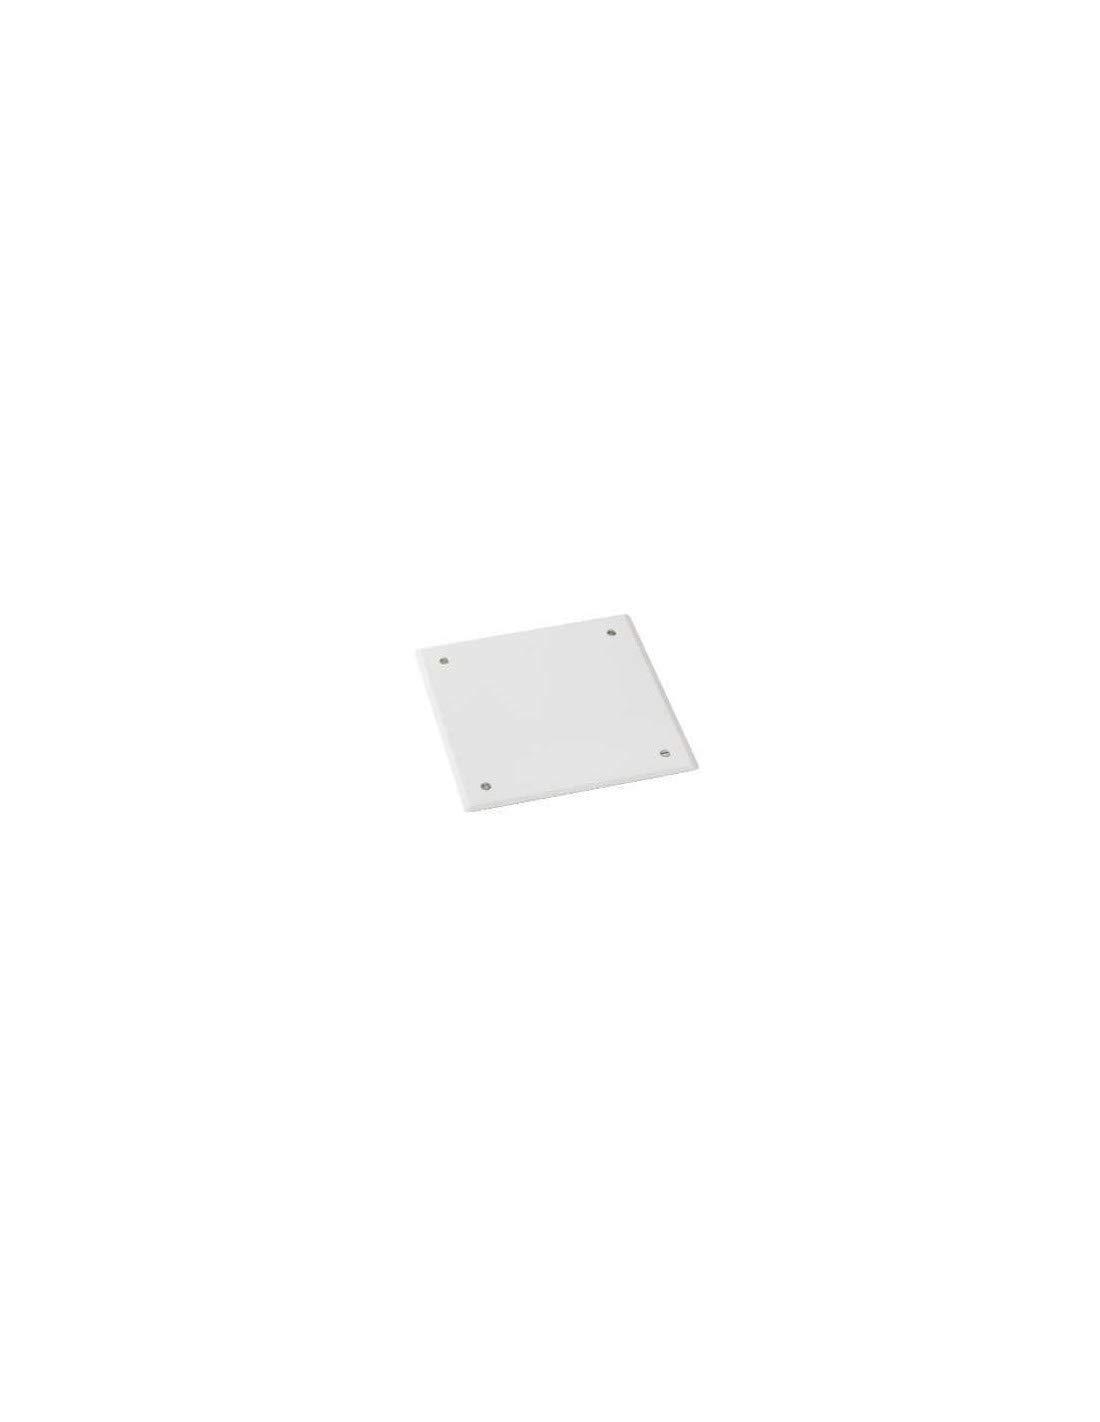 couvercle pour boite de dé rivation - 183 x 183 - blanc - schneider electric enn09496